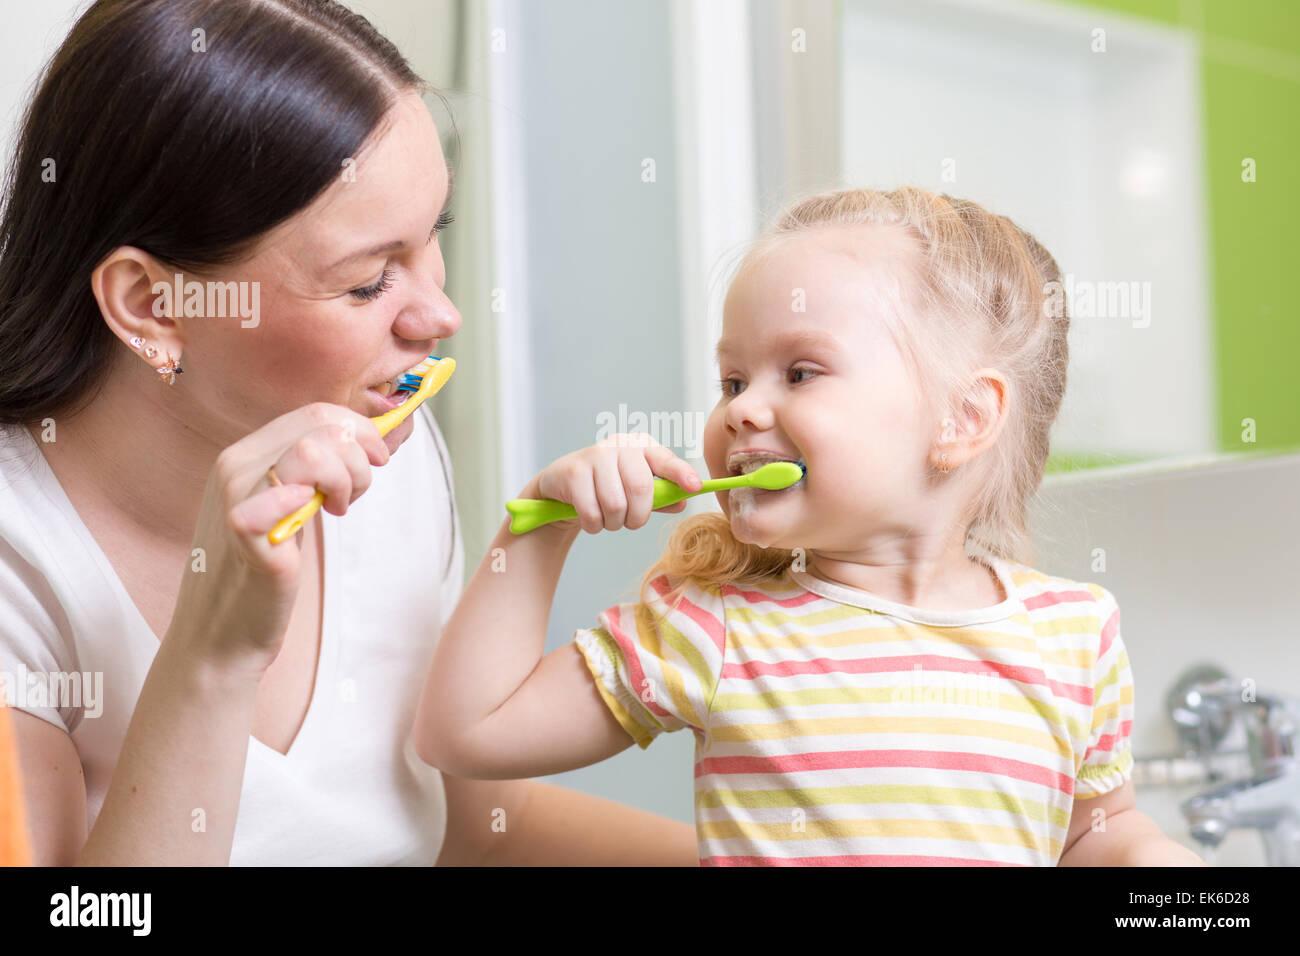 Lindo mamá enseñanza kid cepillado Imagen De Stock